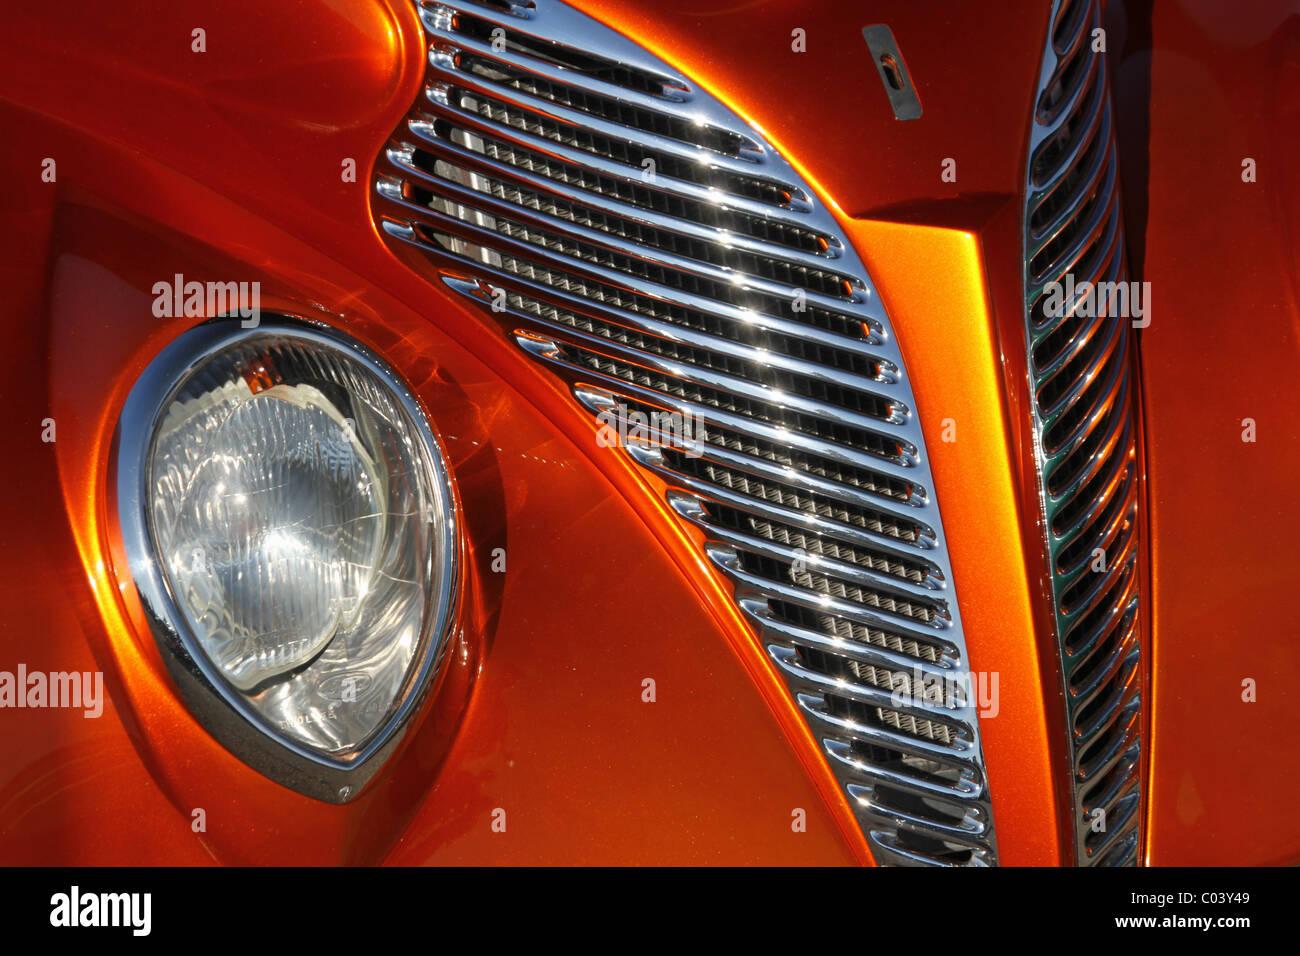 Auto- 1939 Ford Sedan hot rod. Personalizado. Faro y barbacoa. Imagen De Stock